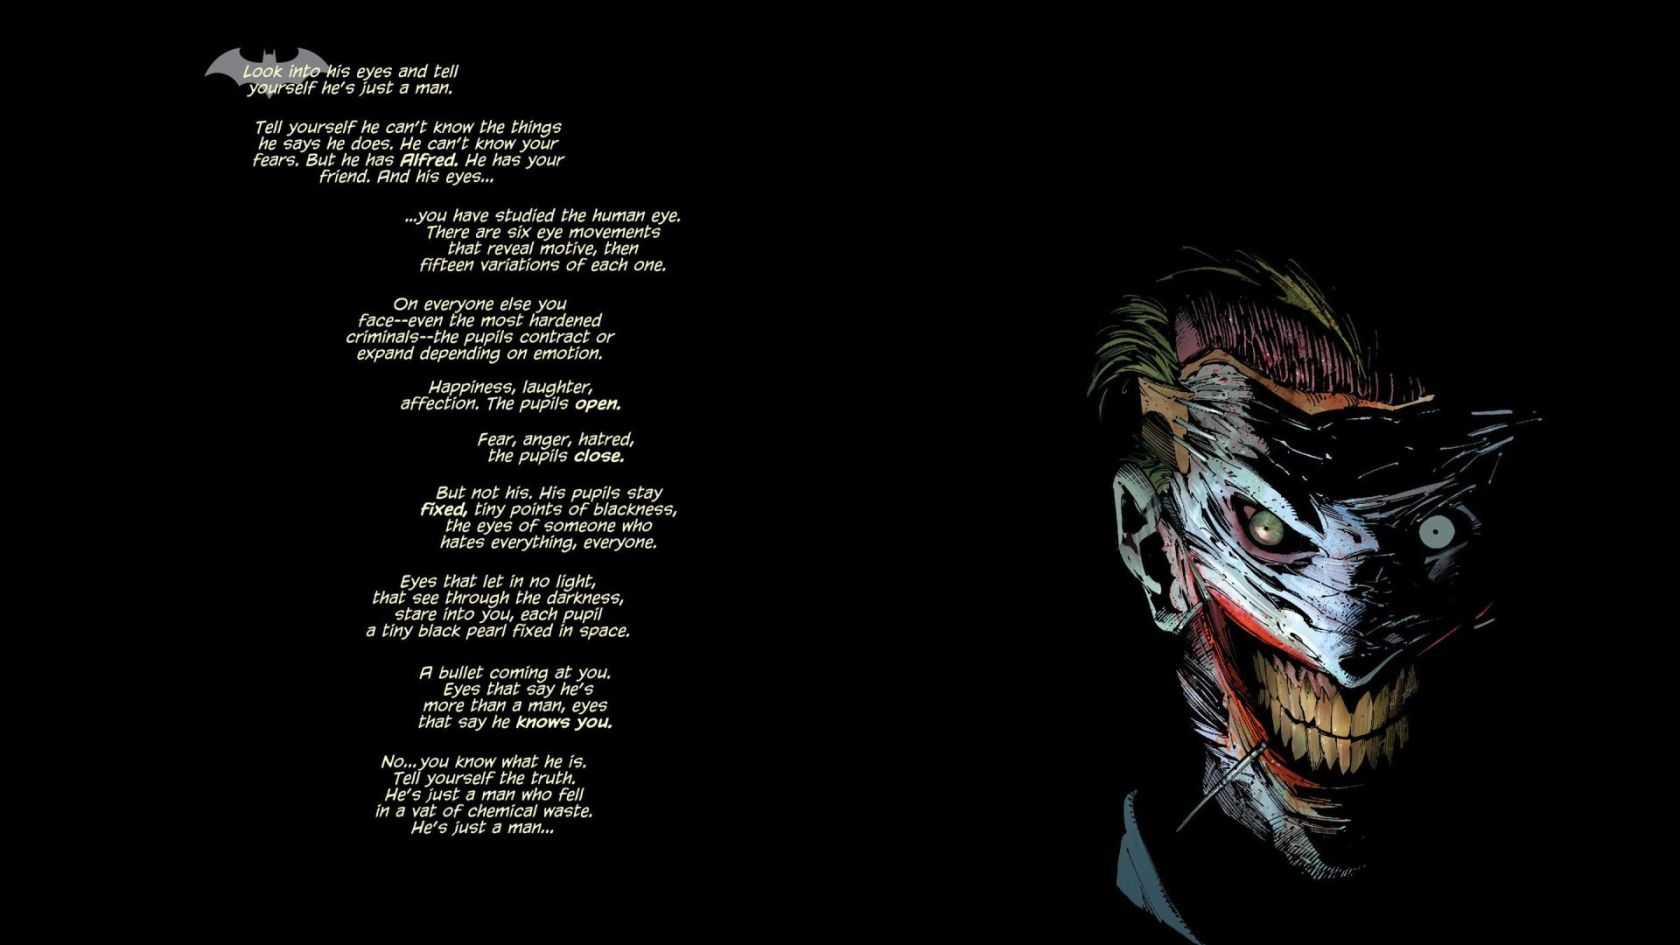 Joker Batman New 52 [1920x1080] Wallpapers Wallpapers Pictures 1680x945